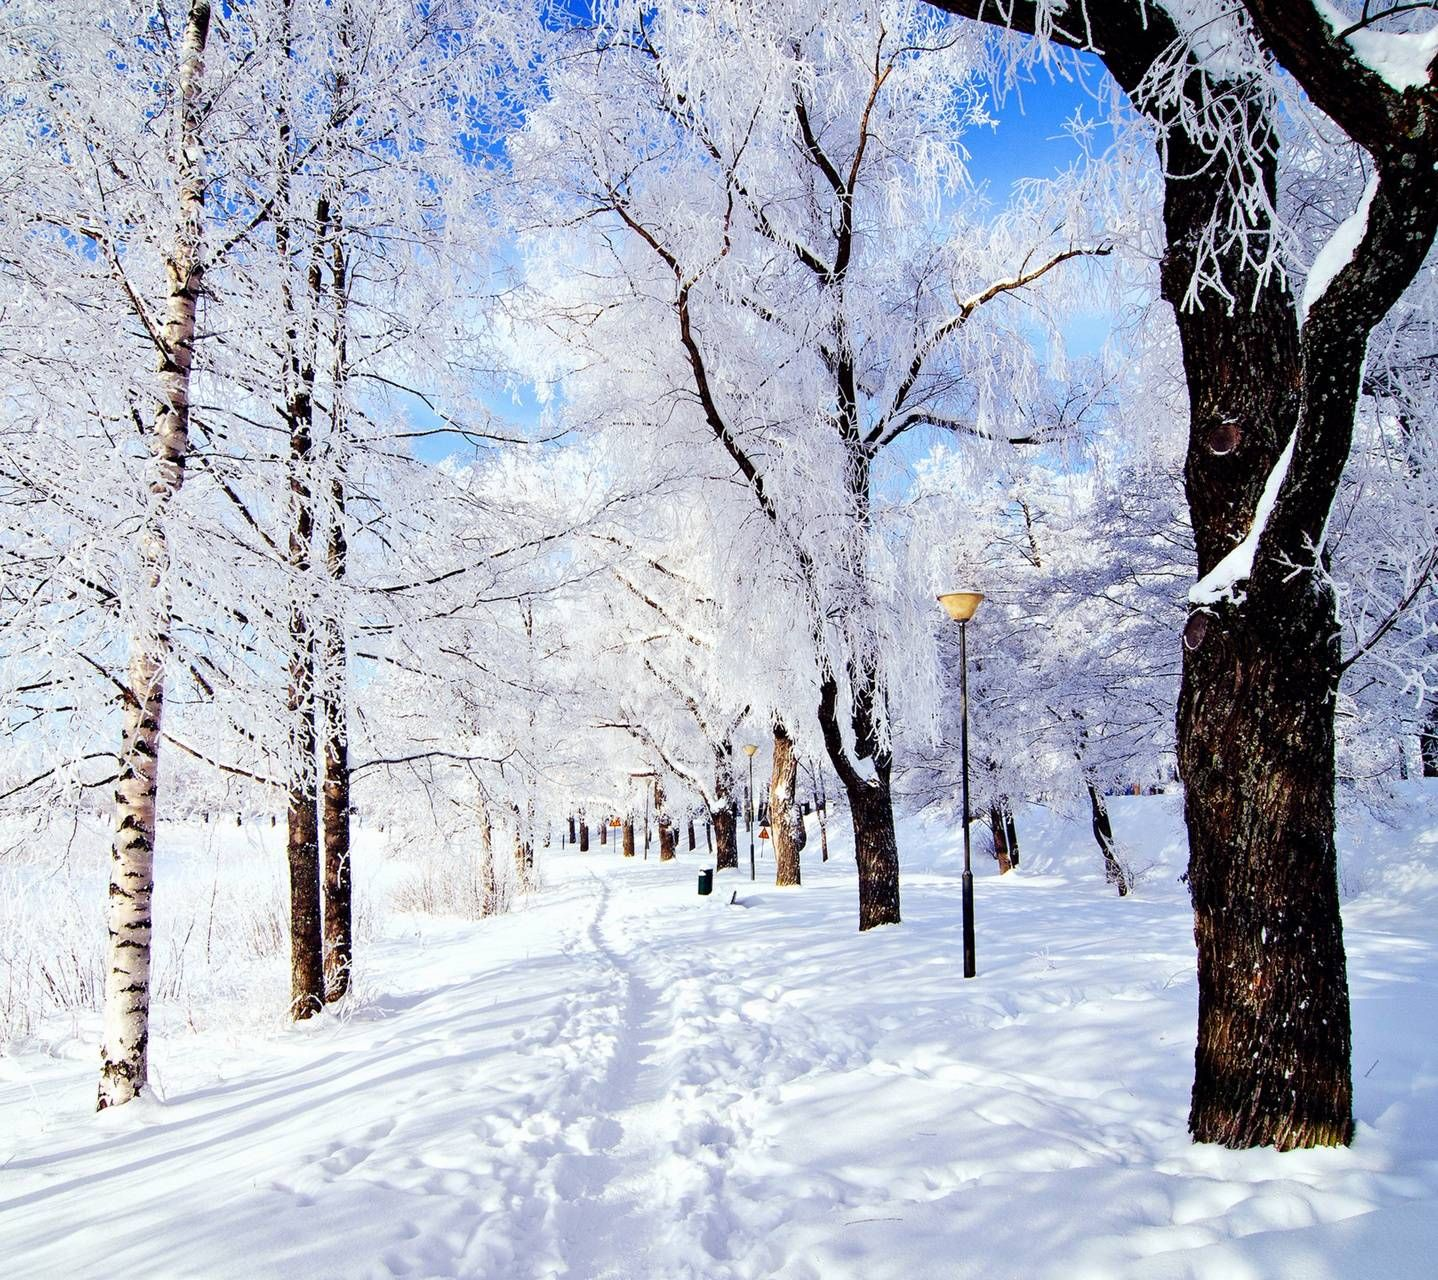 Winter Wonderland Background Music Free Download